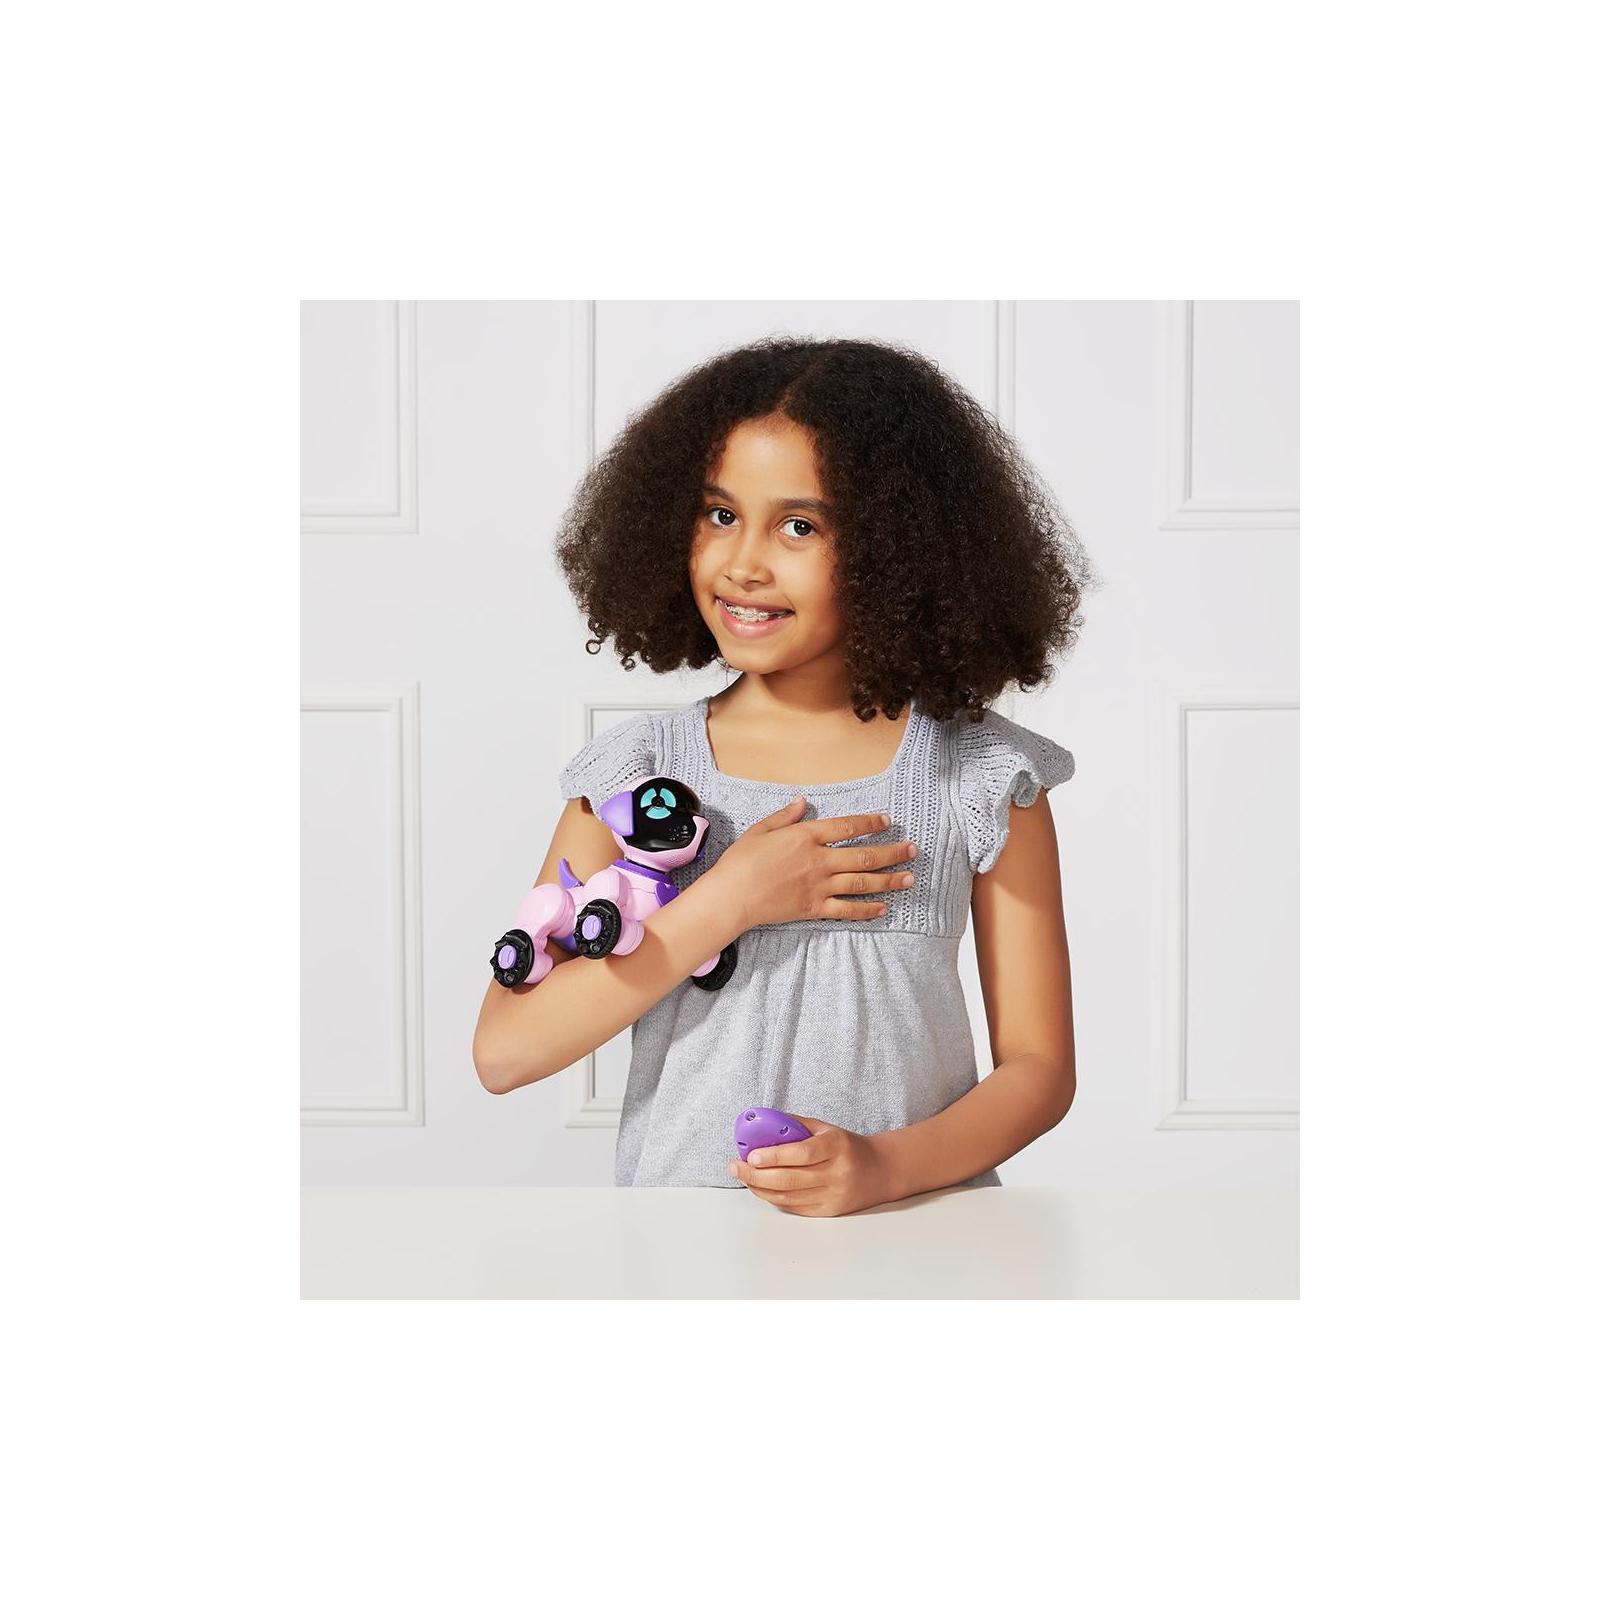 Интерактивная игрушка WowWee Маленький щенок Чип розовый (W2804/3817) изображение 5